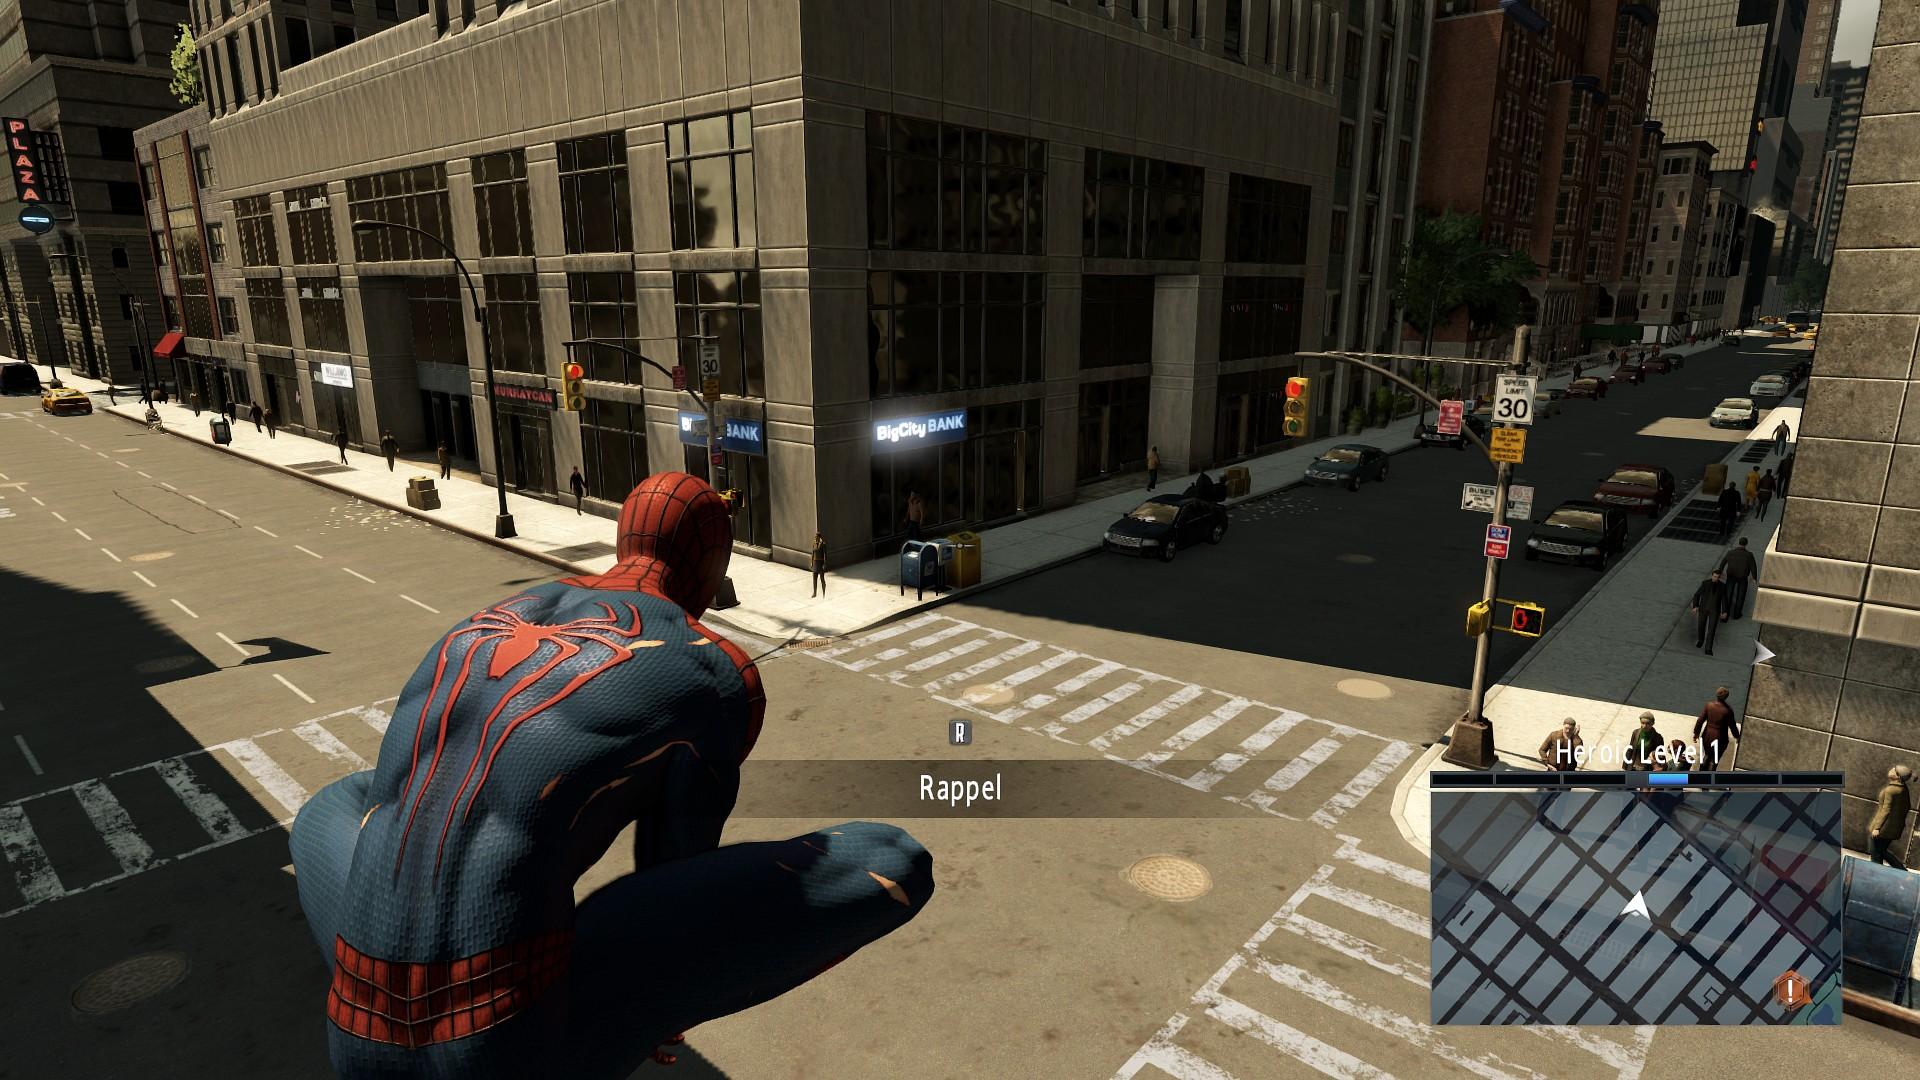 The amazing spider-man 2 скачать торрент бесплатно на pc.